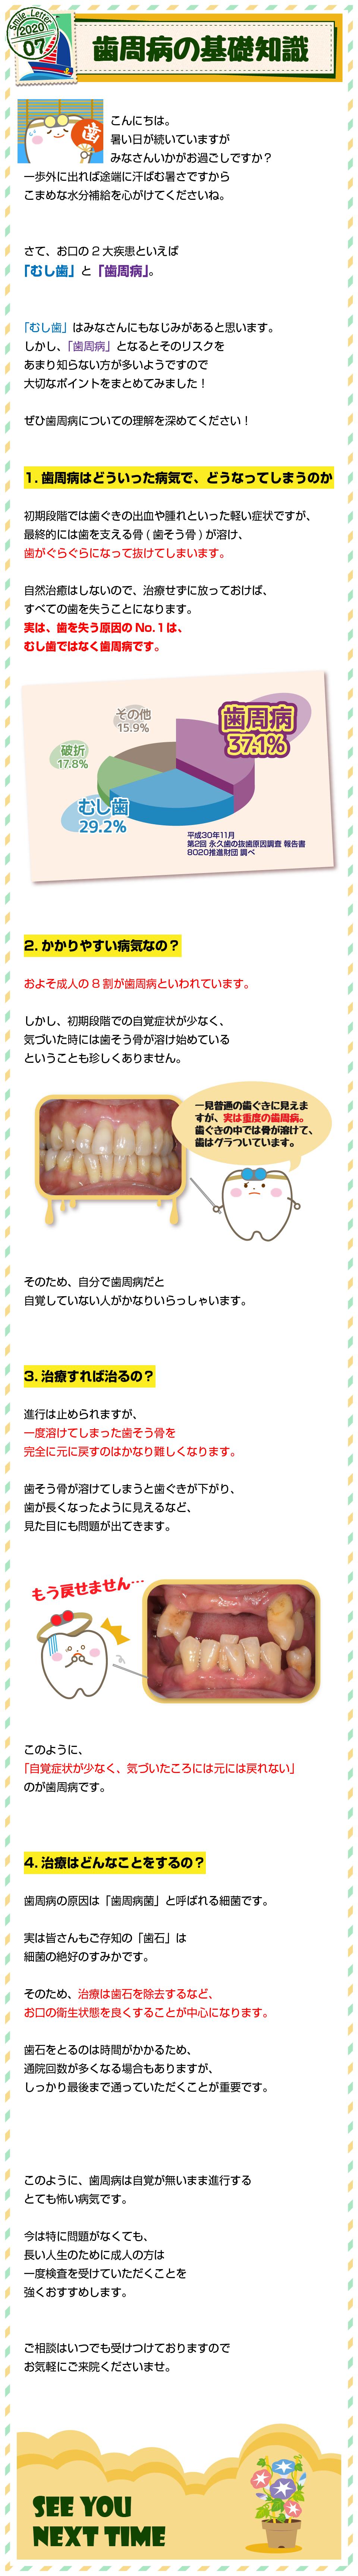 SL_2007_歯周病の基礎知識